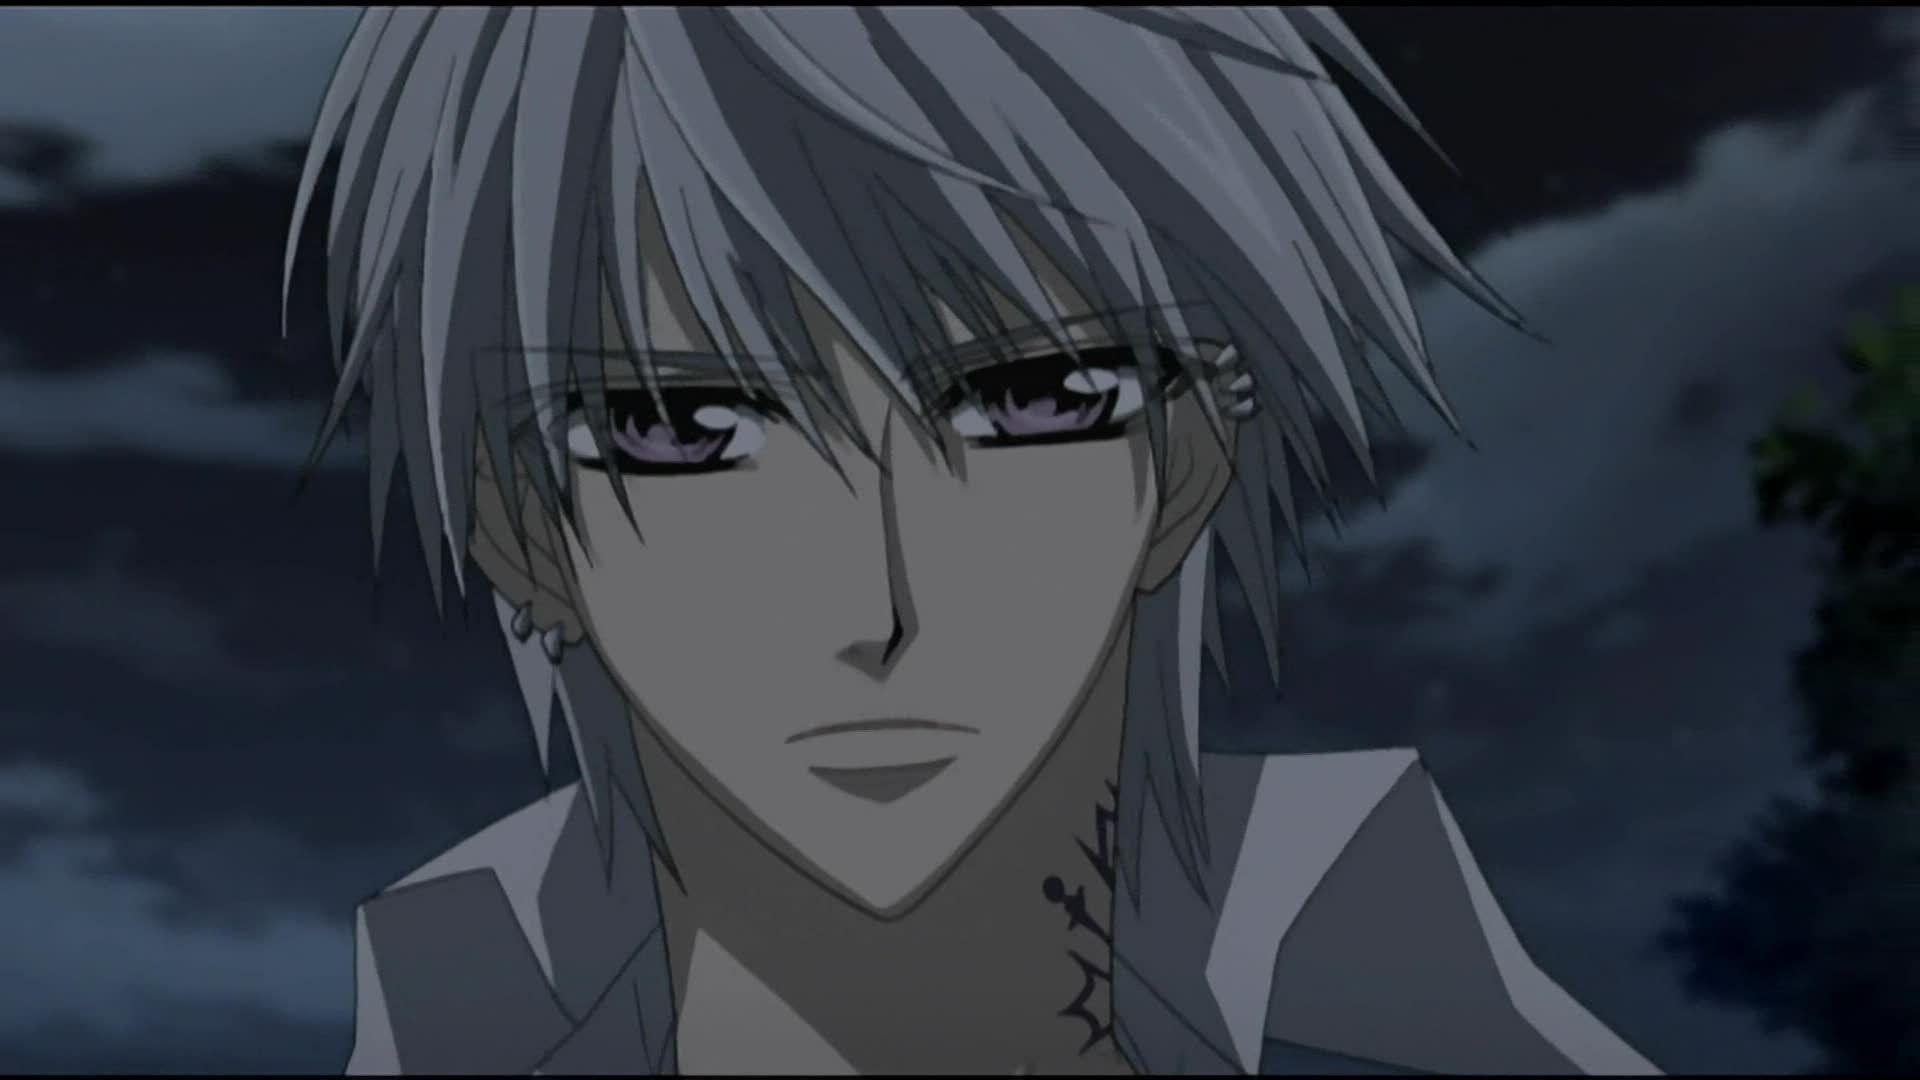 Anime Characters Vampire : Zero quot vampire knight anime manga pinterest